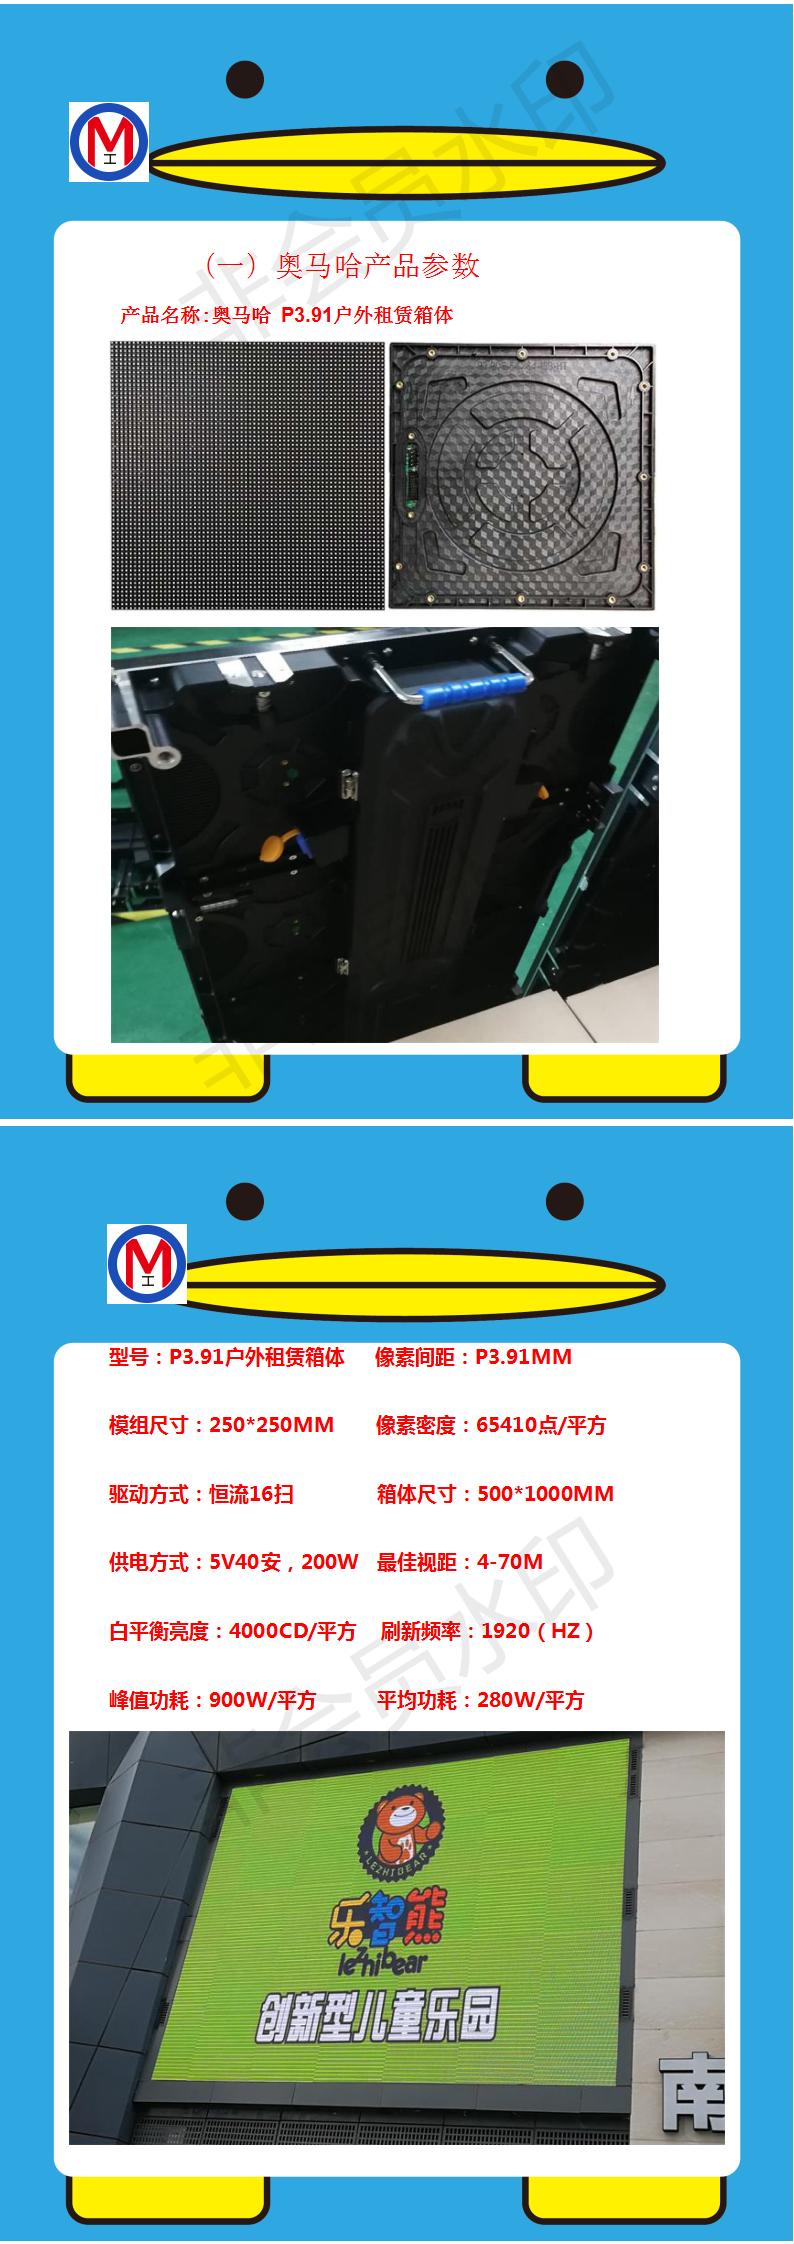 济南市银座汽车奥迪4S店户外LED舞美屏专用P3.91租赁箱体(奥马哈)